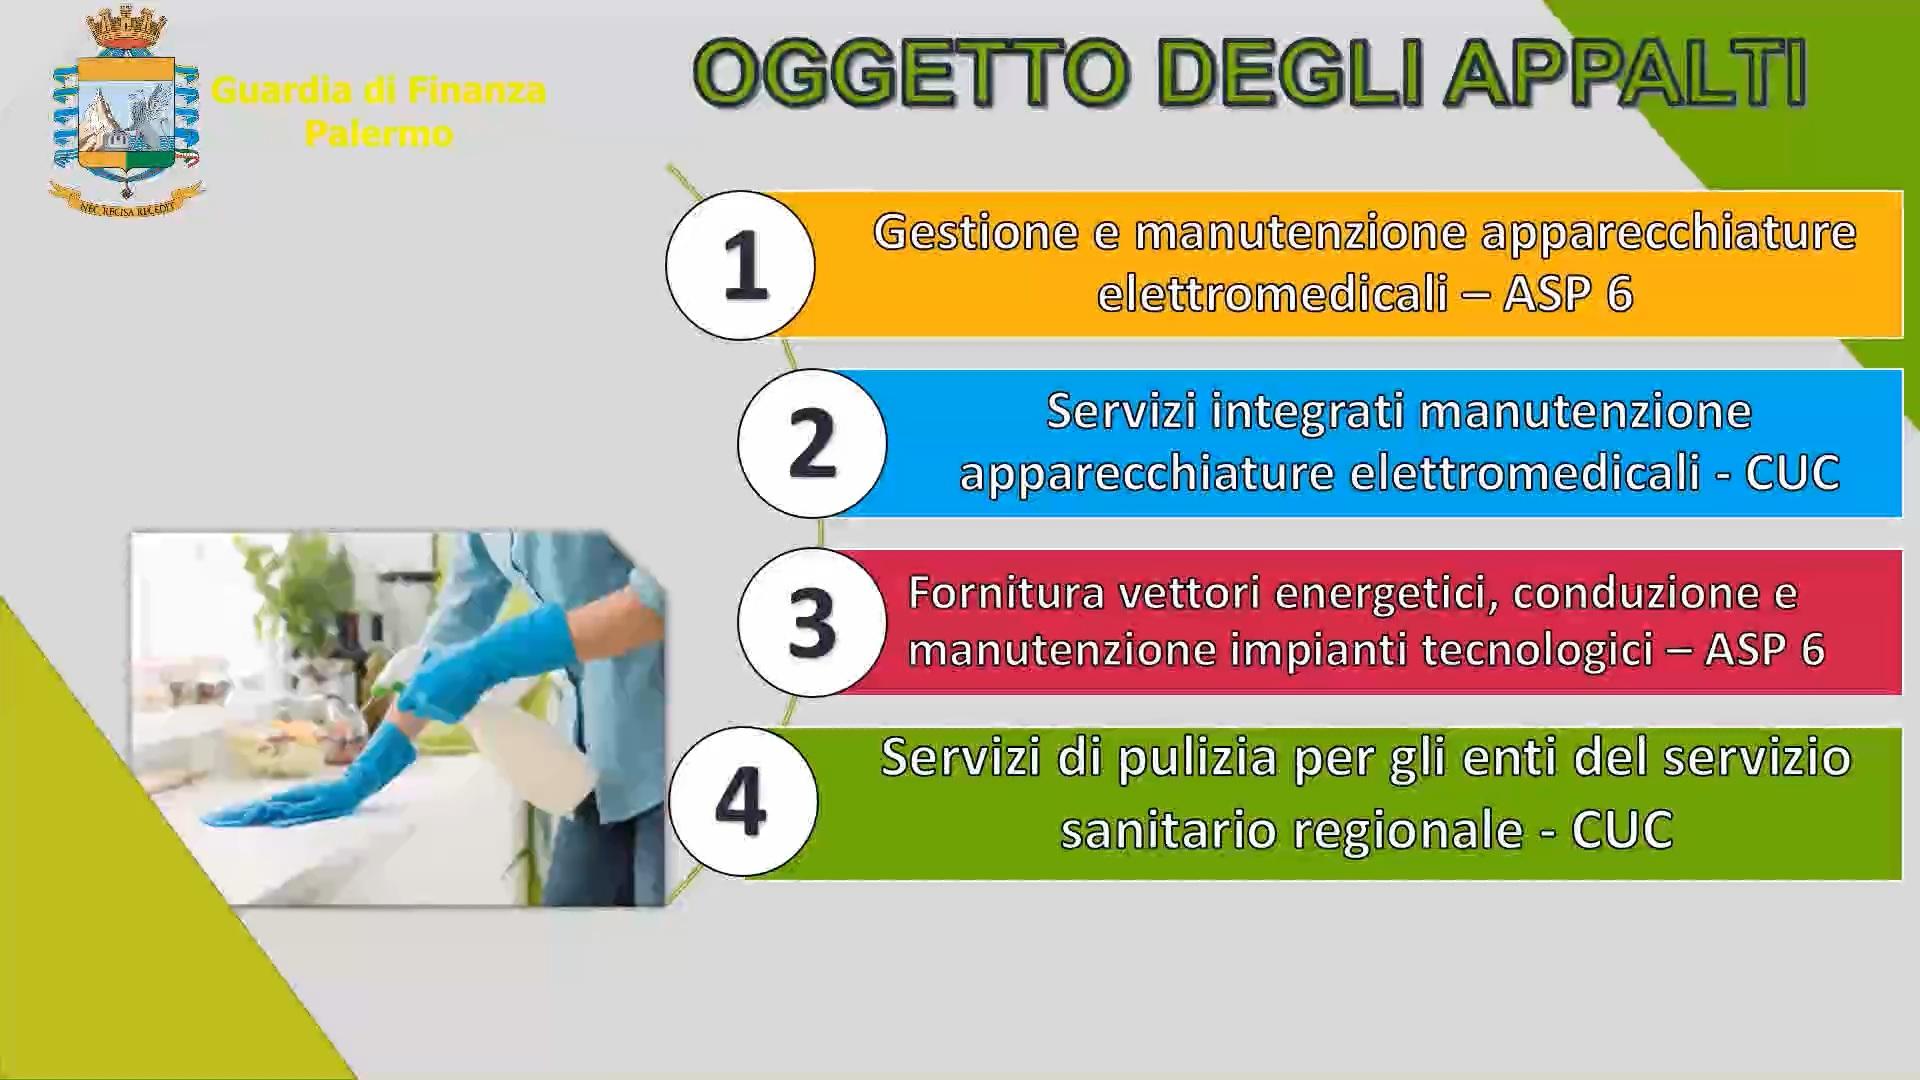 """Palermo: """"sorella sanità"""", scoperti appalti truccati per 600 milioni"""